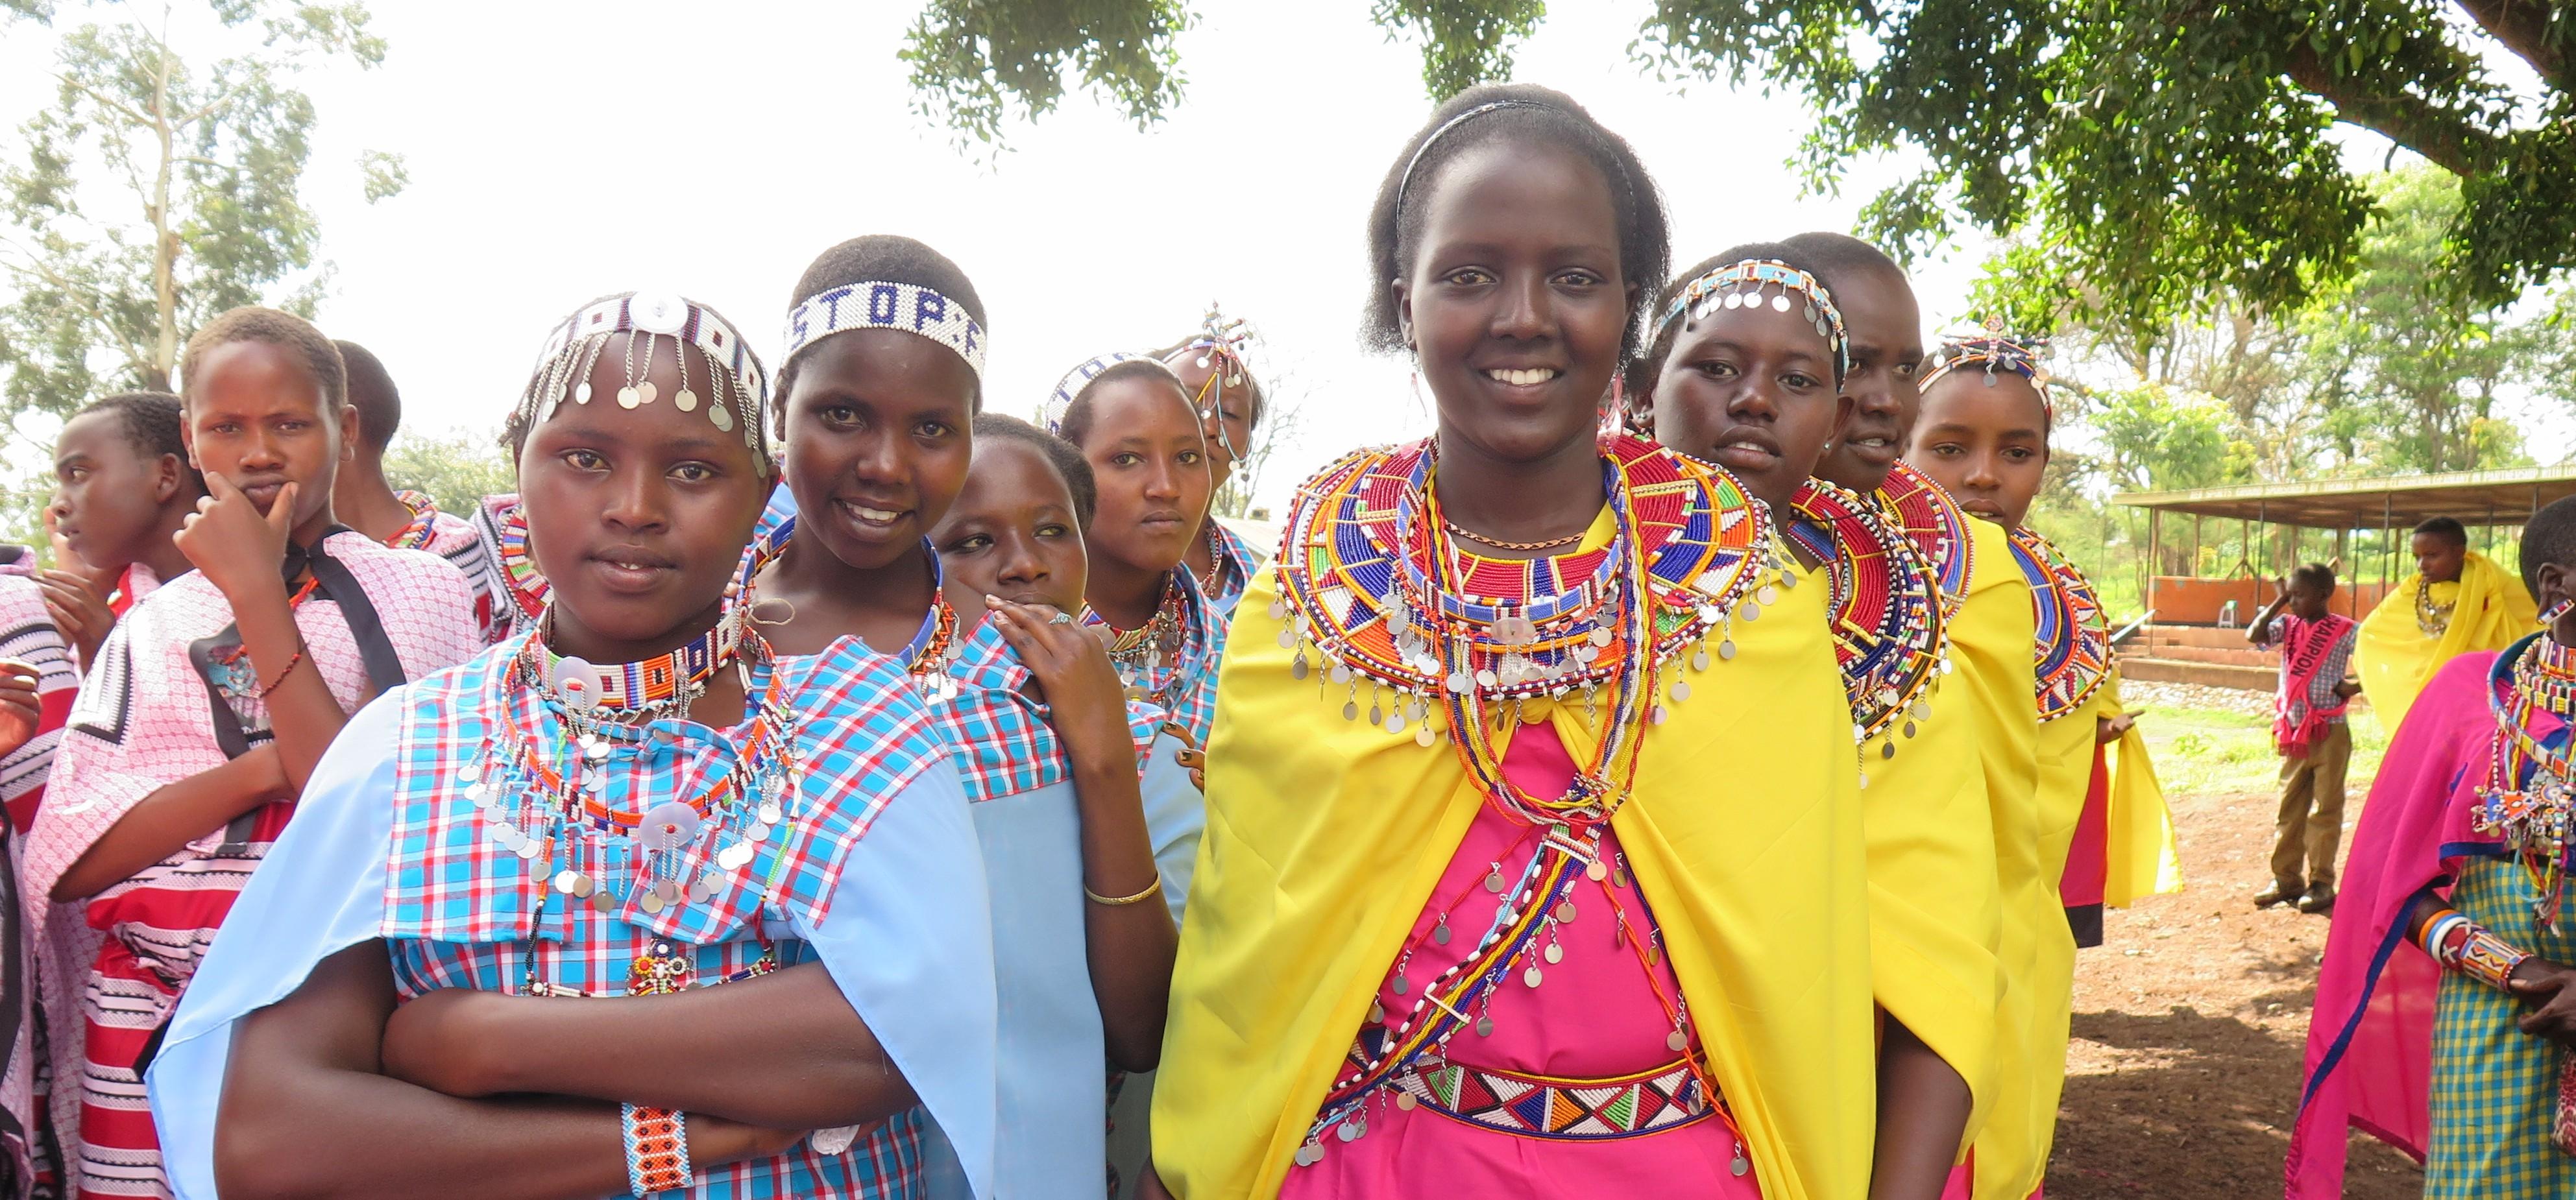 Det anslås at om lag 90 prosent av masaikvinnene har gått gjennom en form for kjønnslemlestelse.